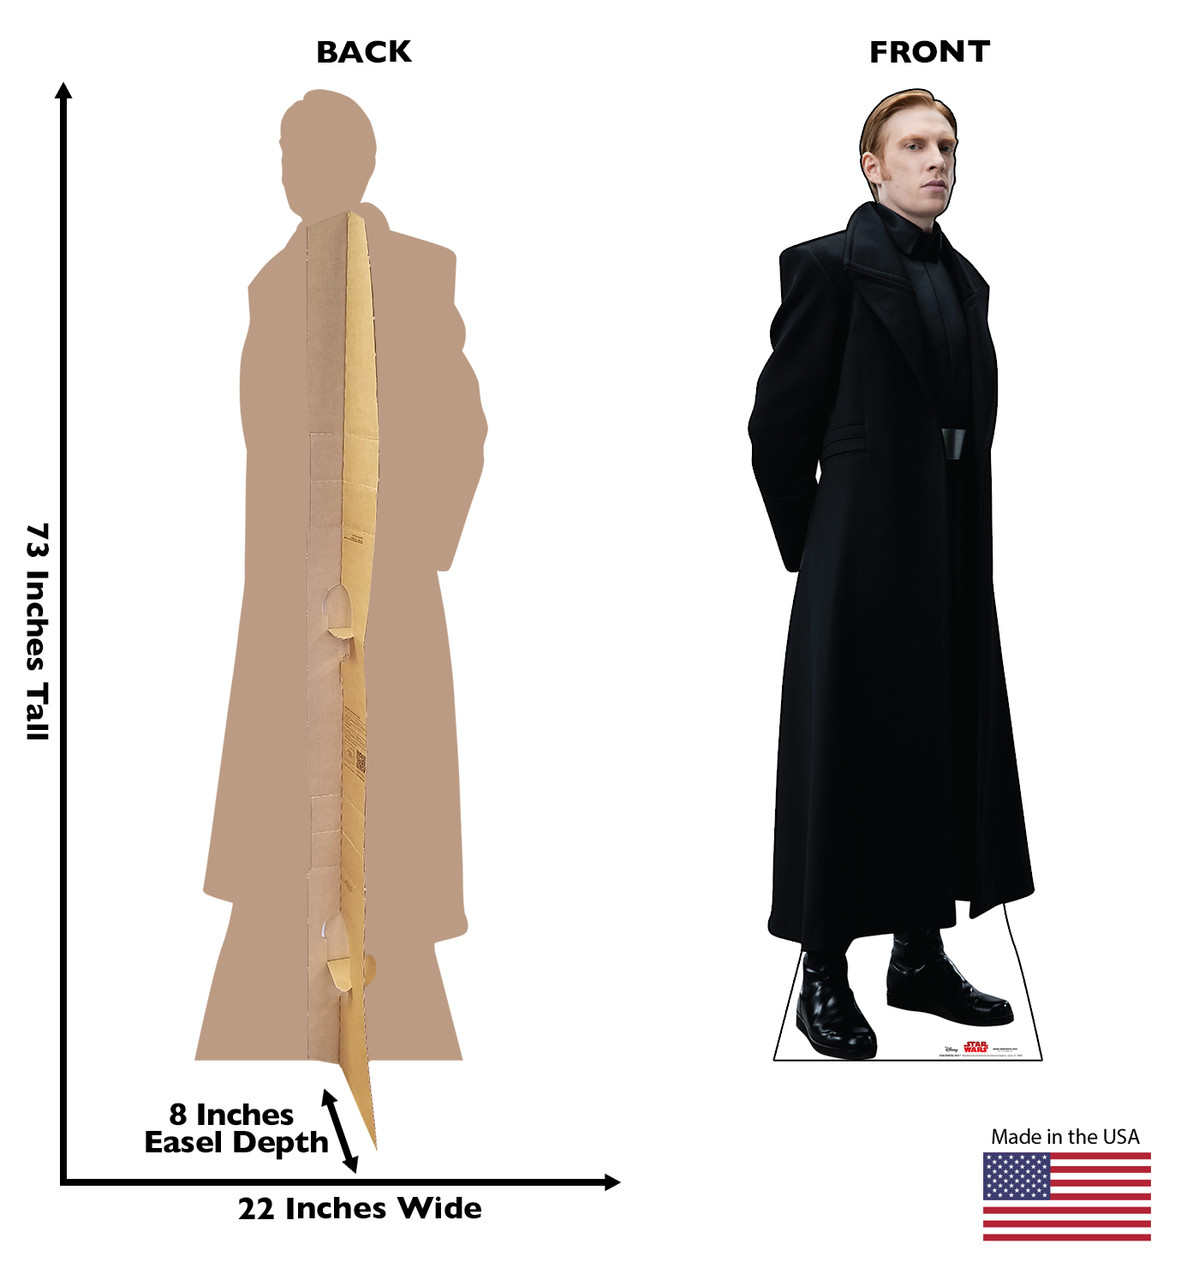 General Hux Star Wars The Last Jedi Life Size Cardboard Cutout